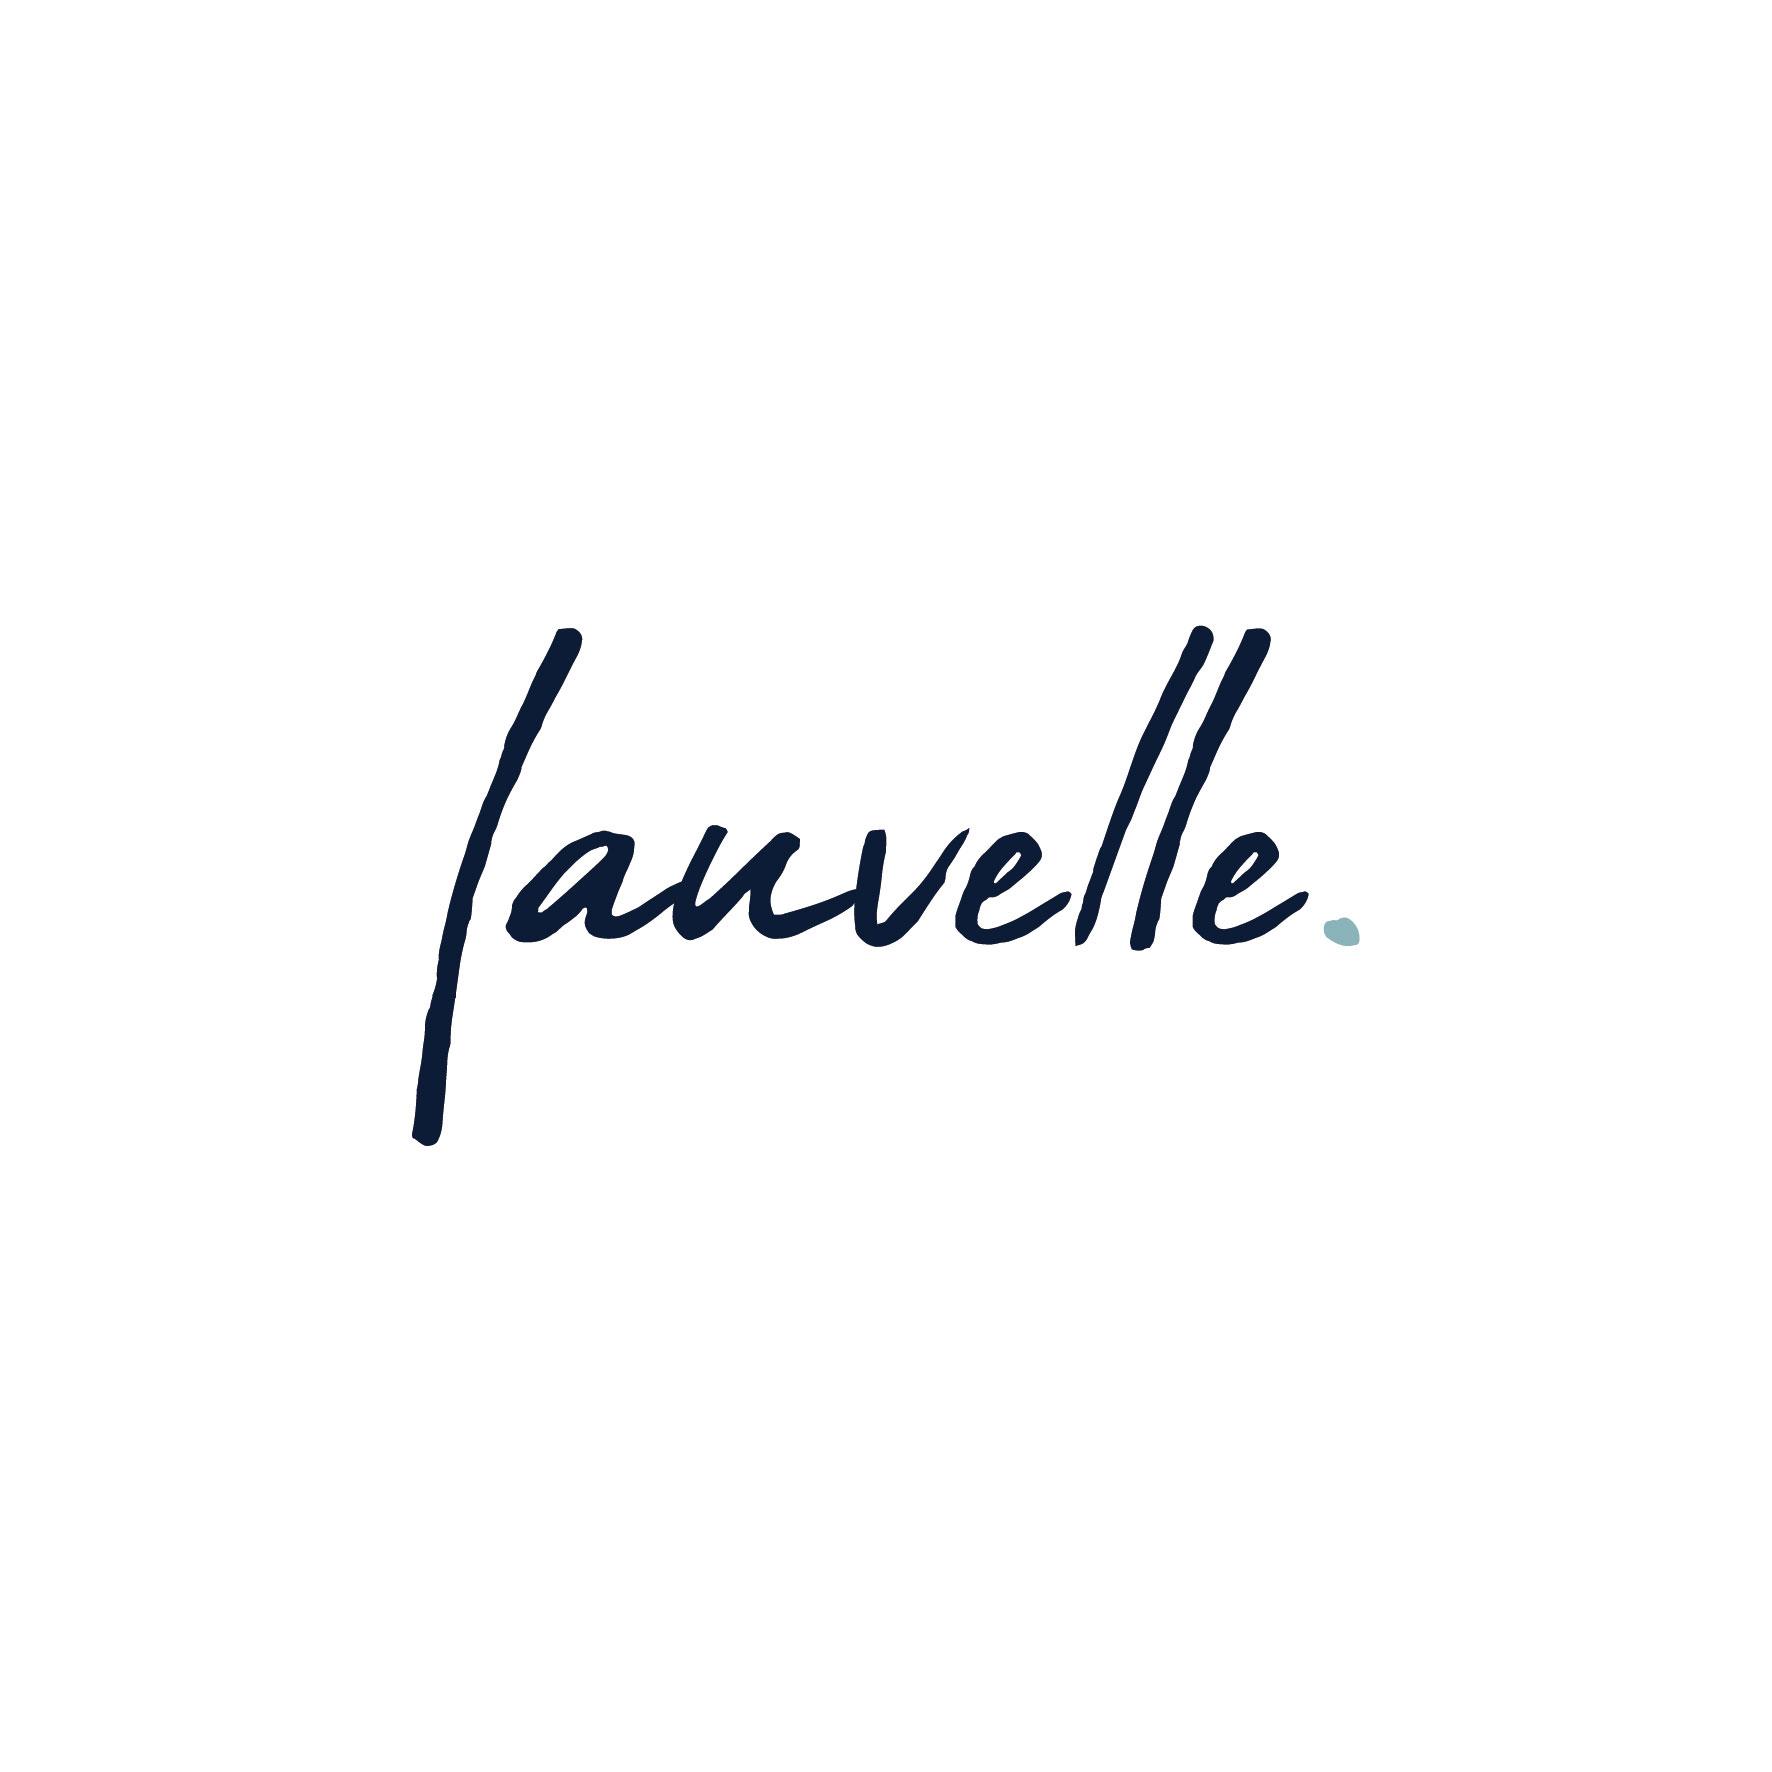 kretz+partners_fauvelle_00.jpg